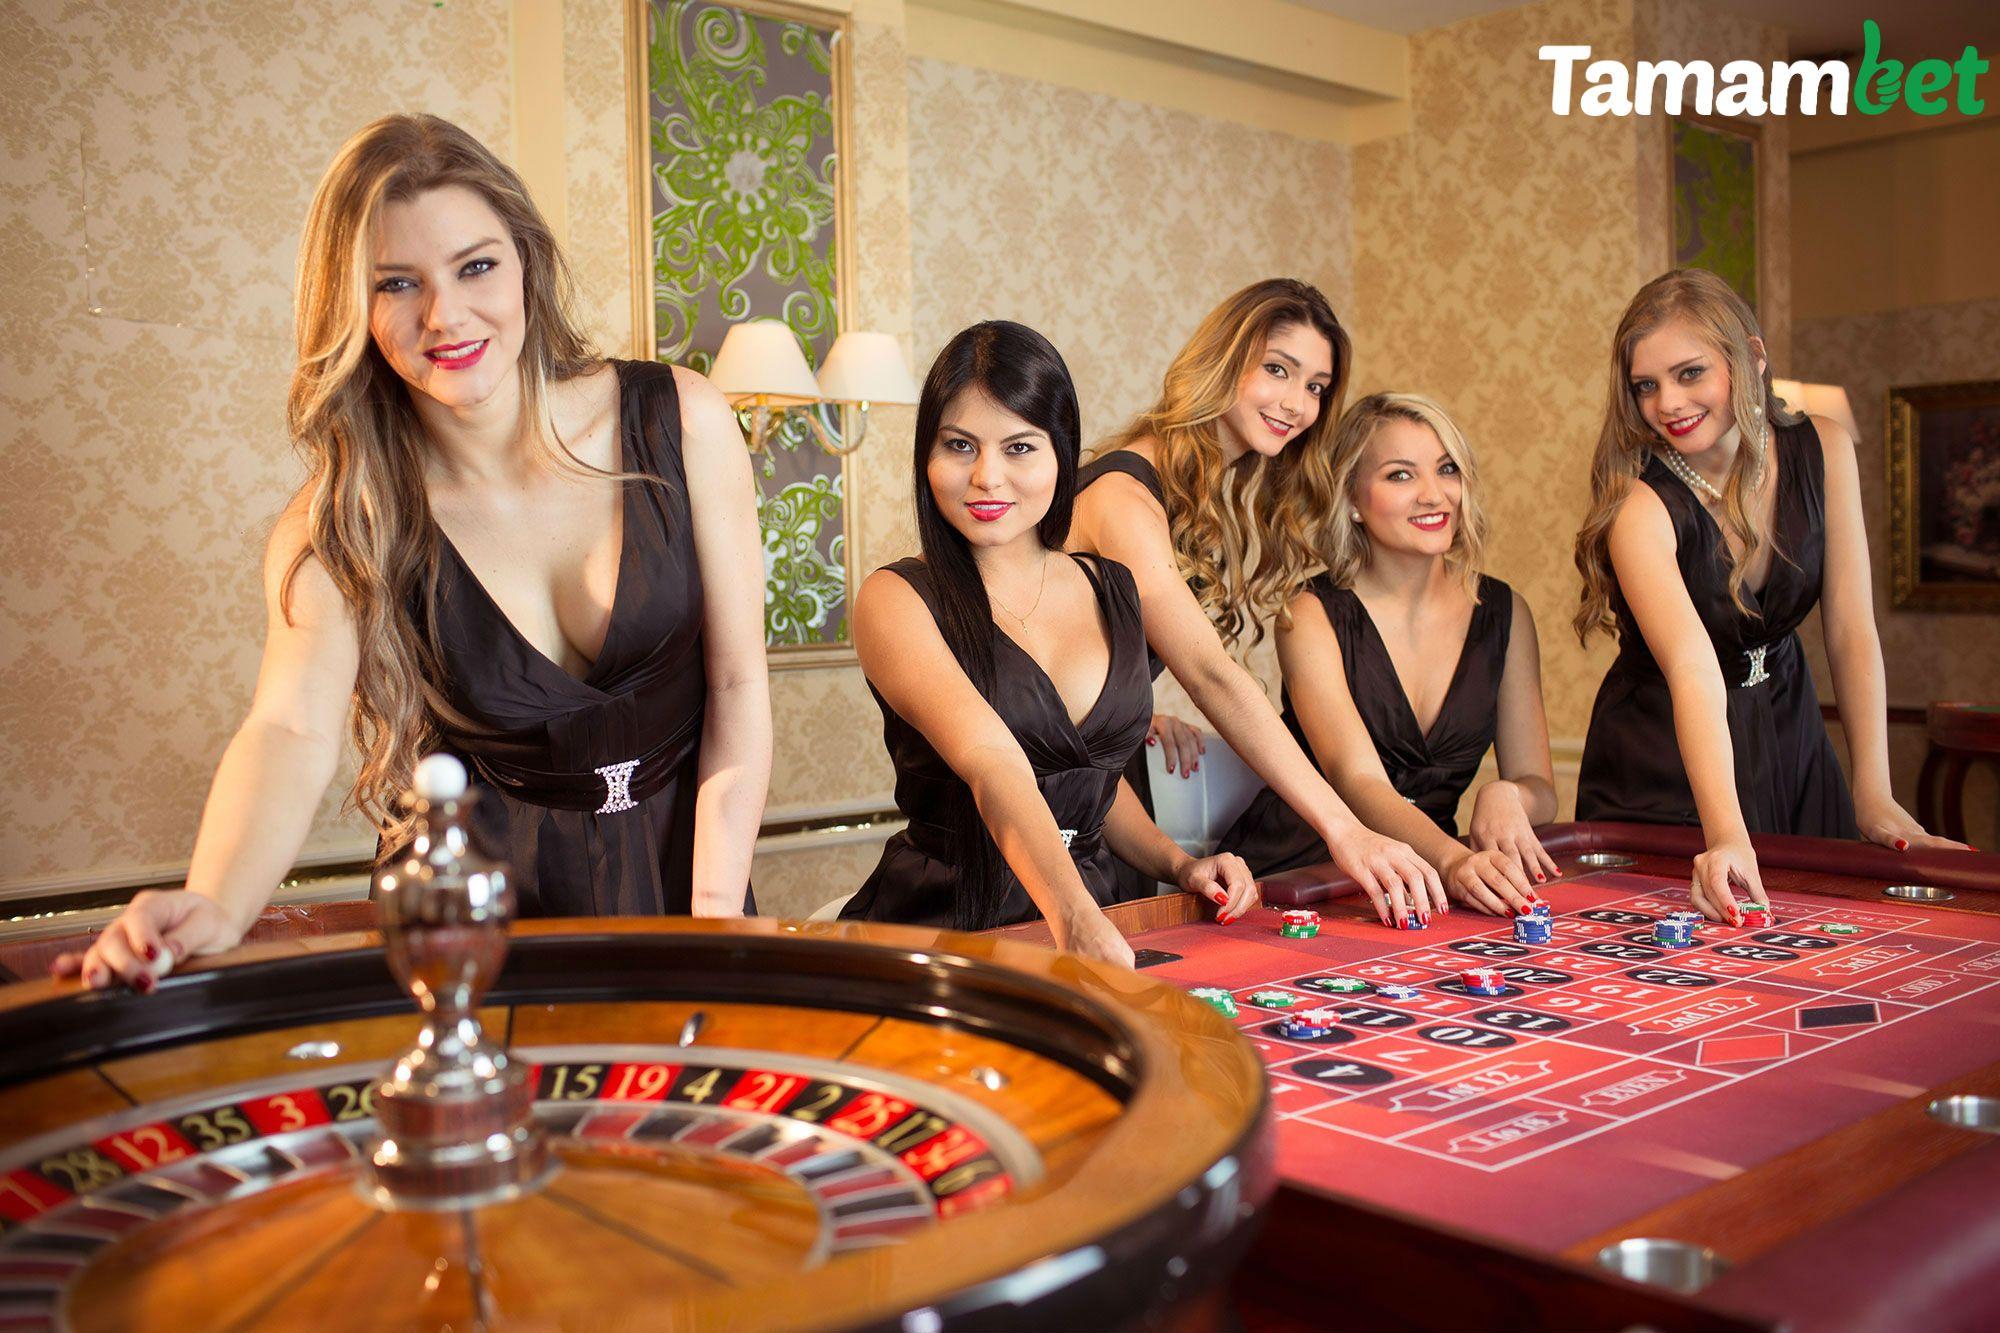 borgata online sports betting